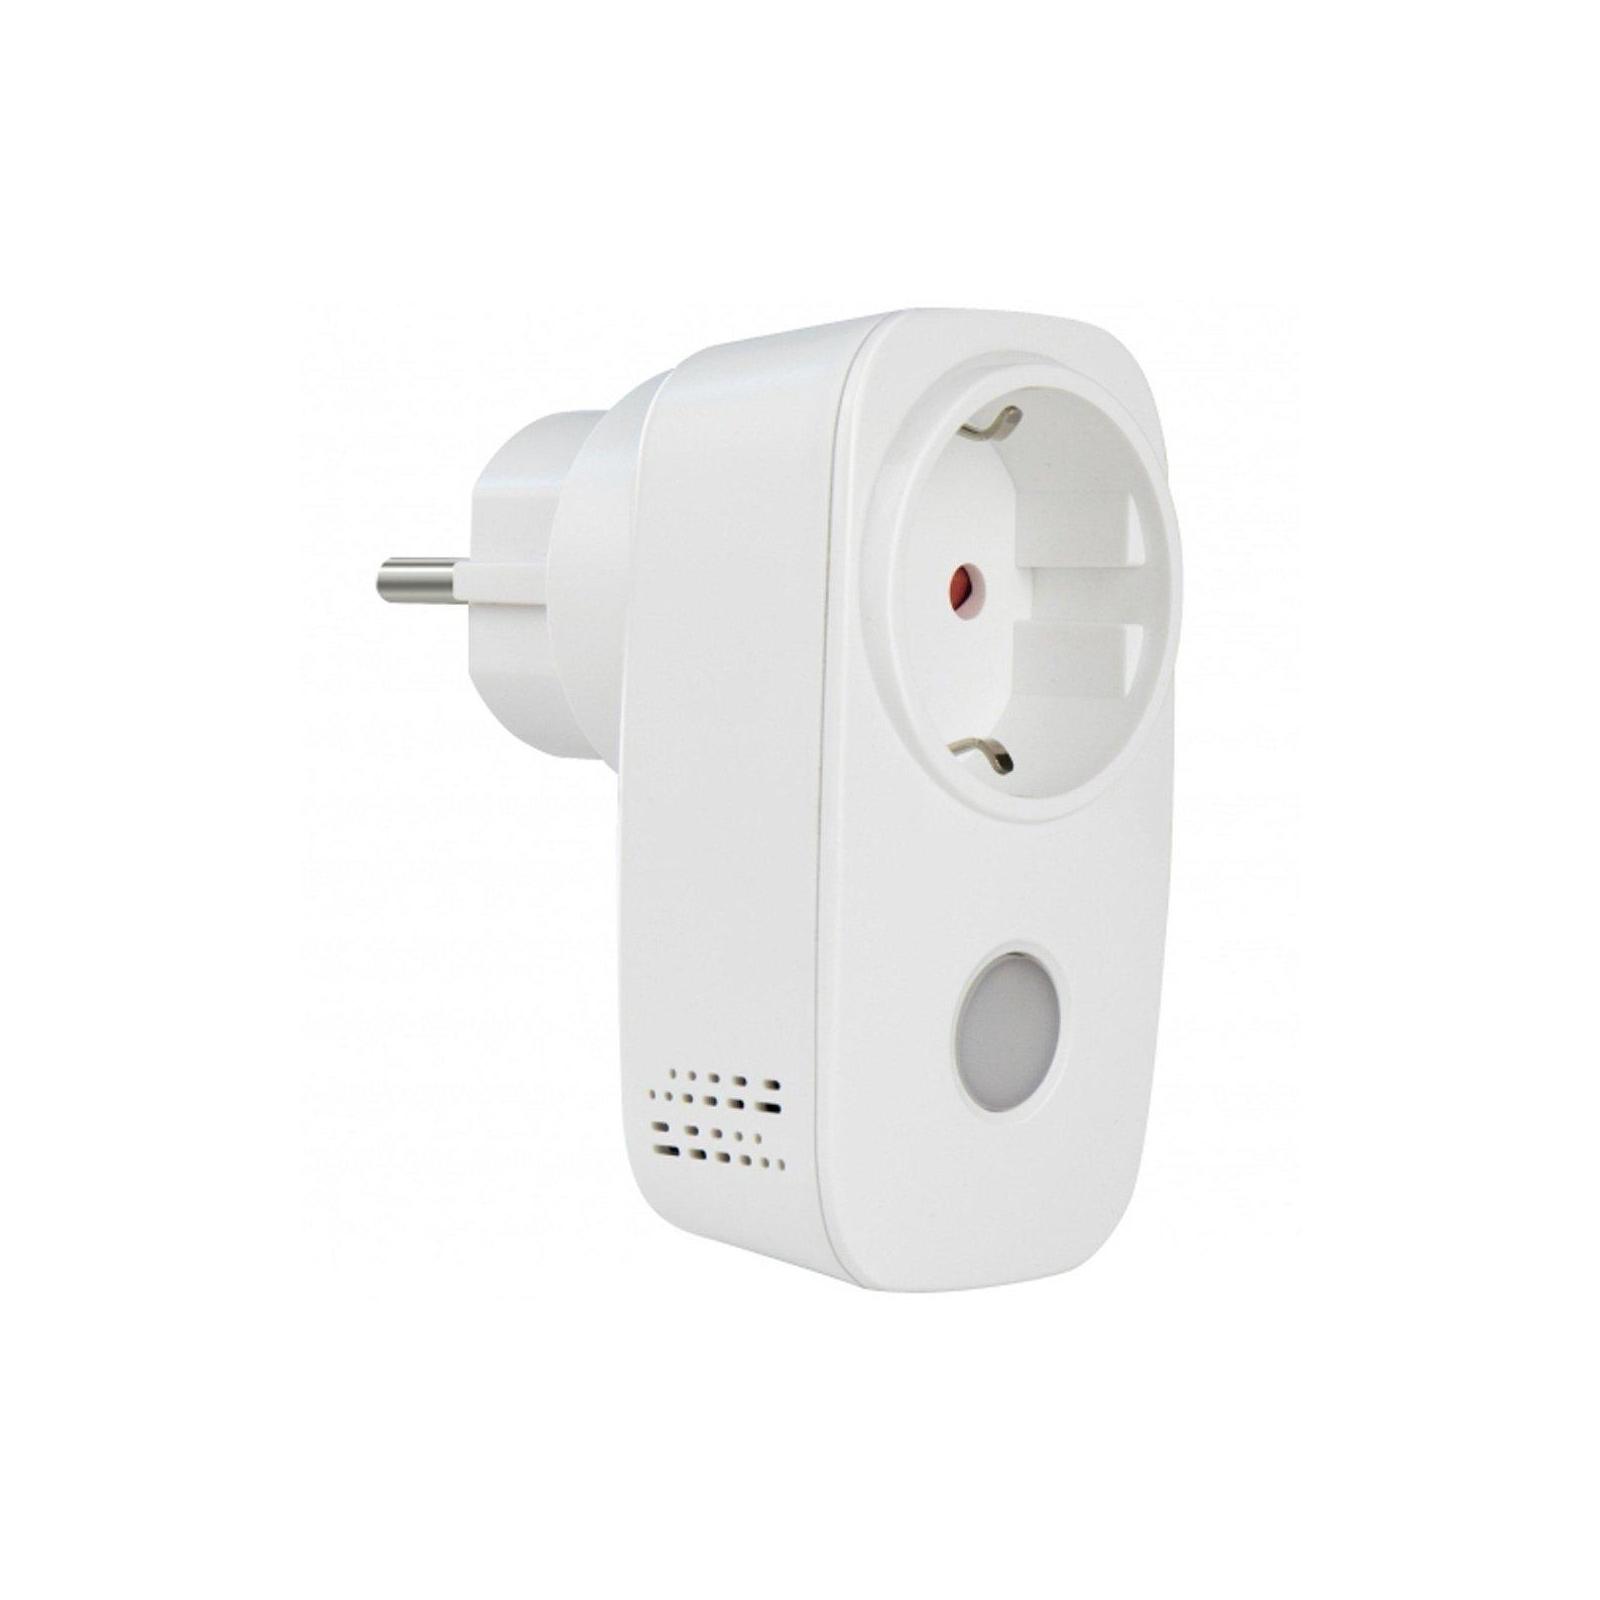 f3984df9067b Выключатель беспроводной Broadlink Wi-Fi розетка SP3 (SP3s) с  энергомониторингом (SP3s /